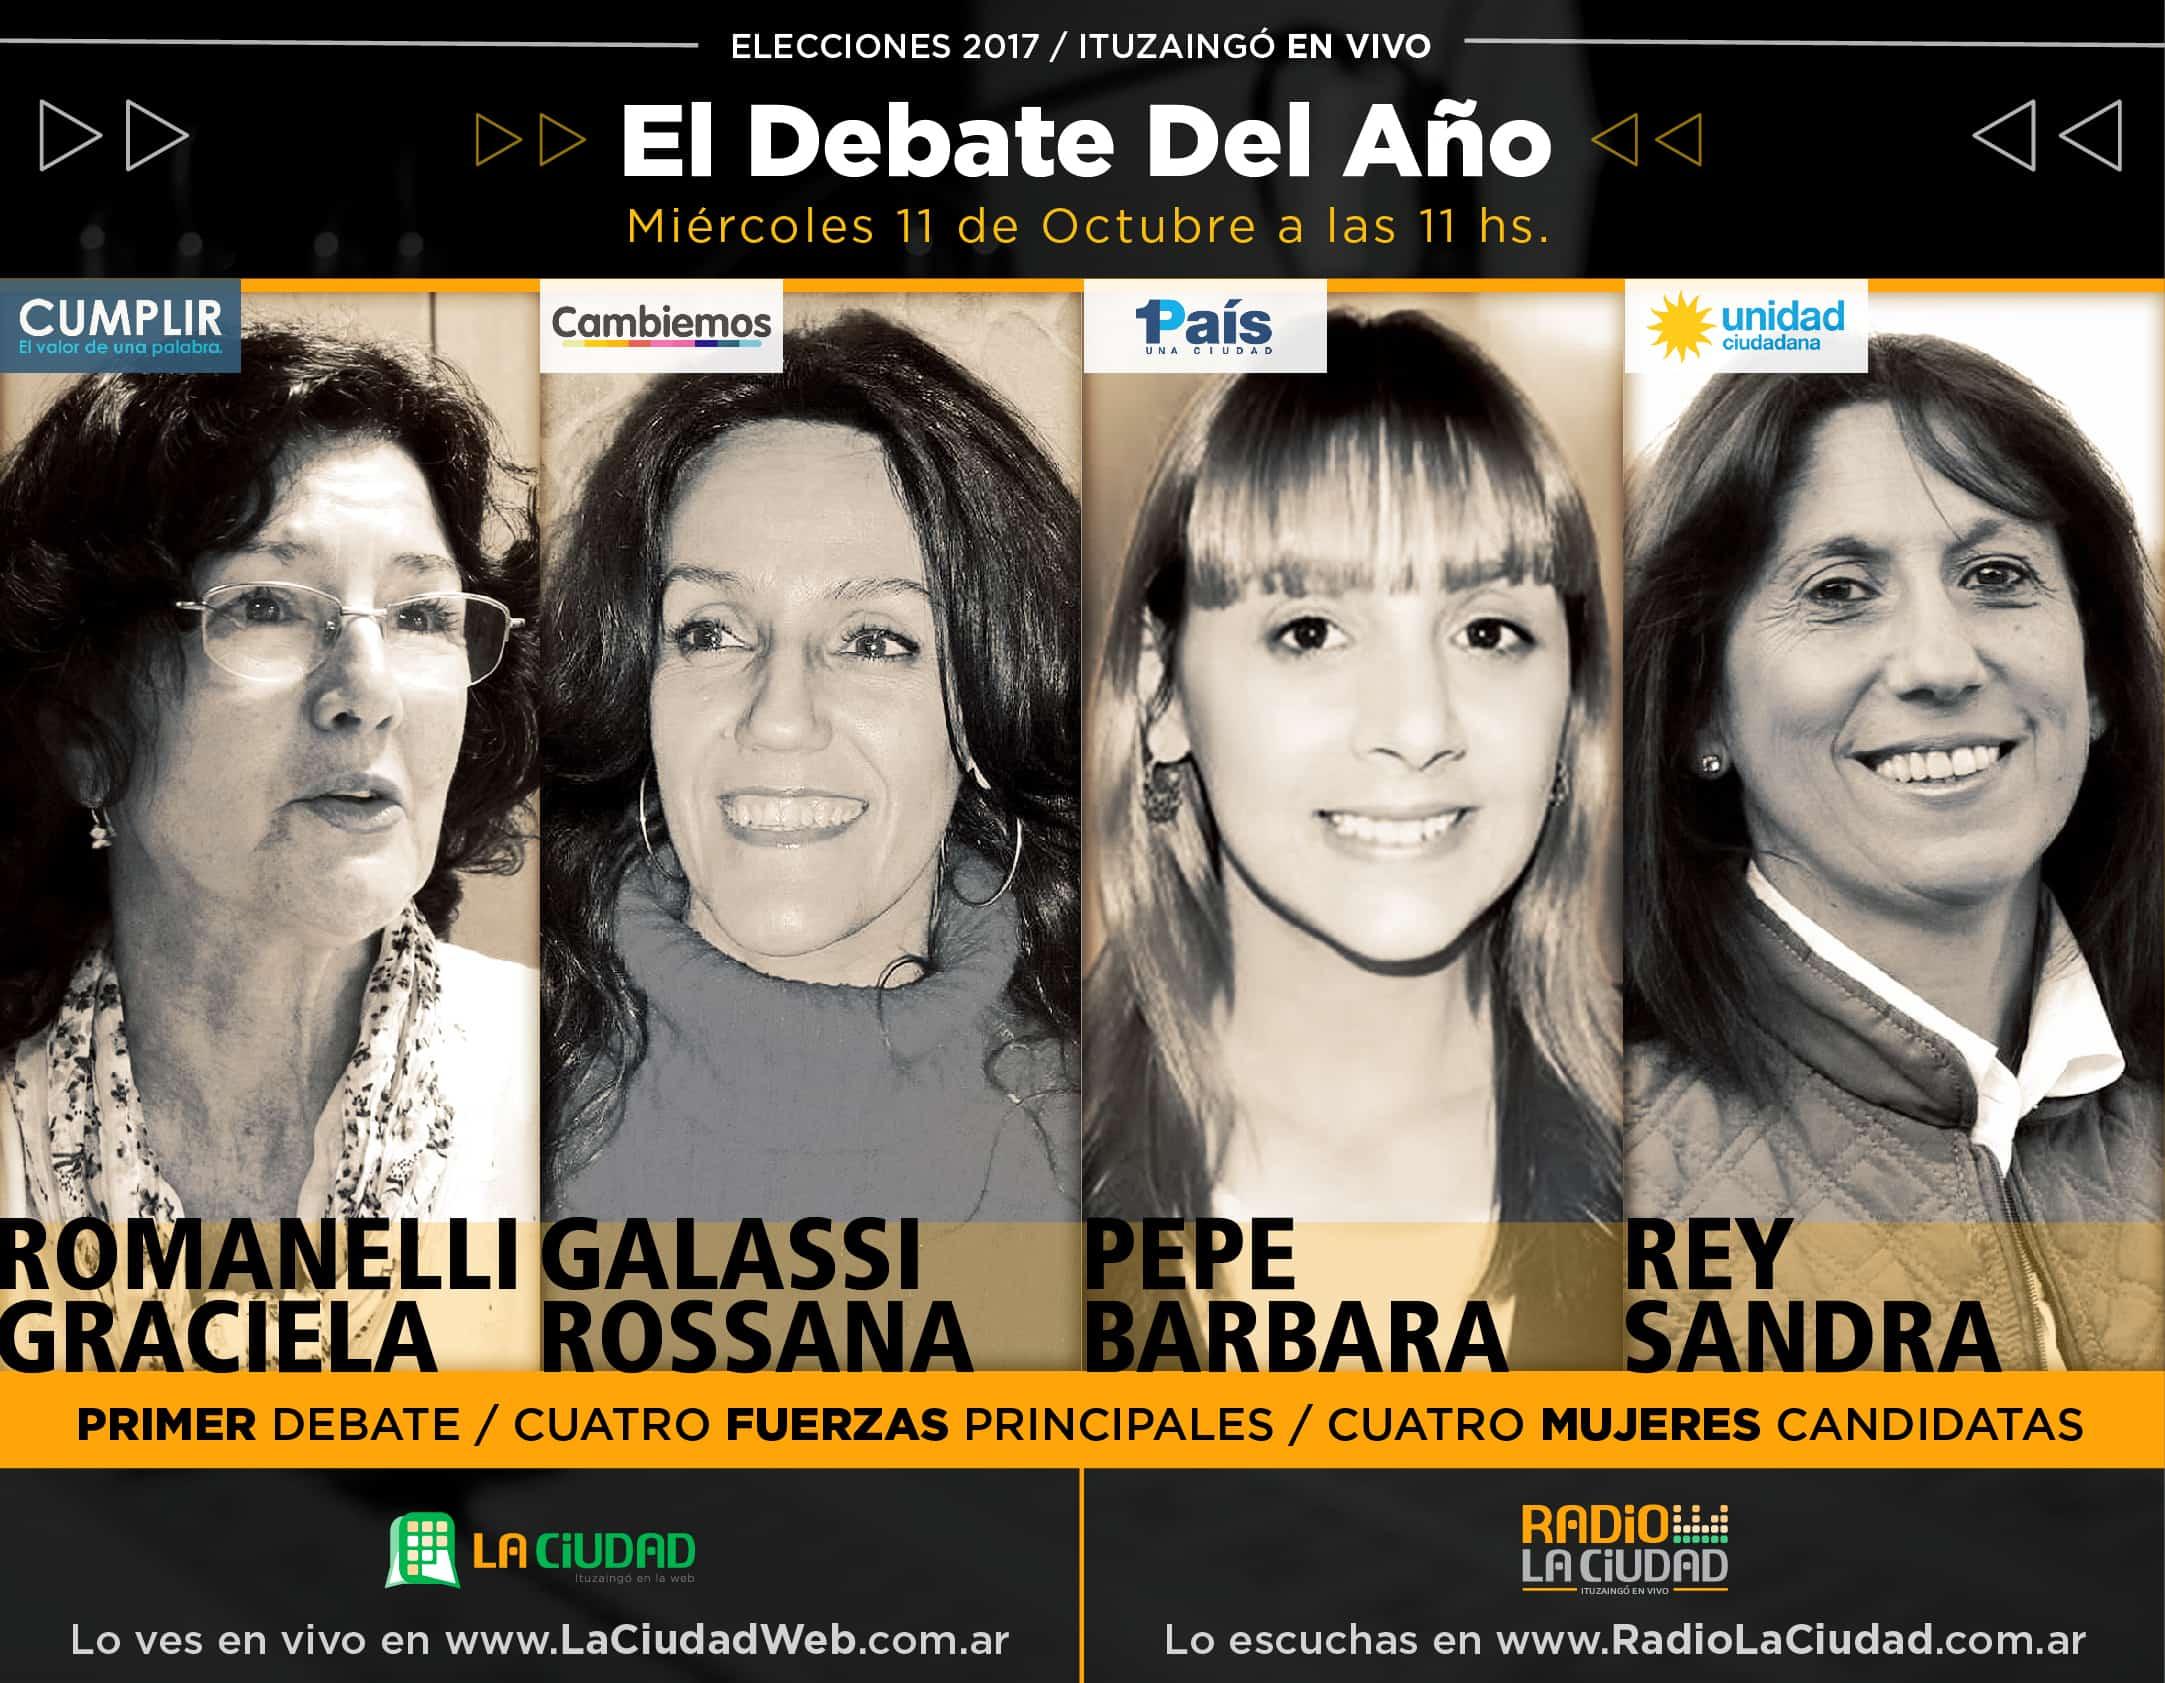 Un debate de candidatas mujeres que pone a Ituzaingó en el centro de la escena política